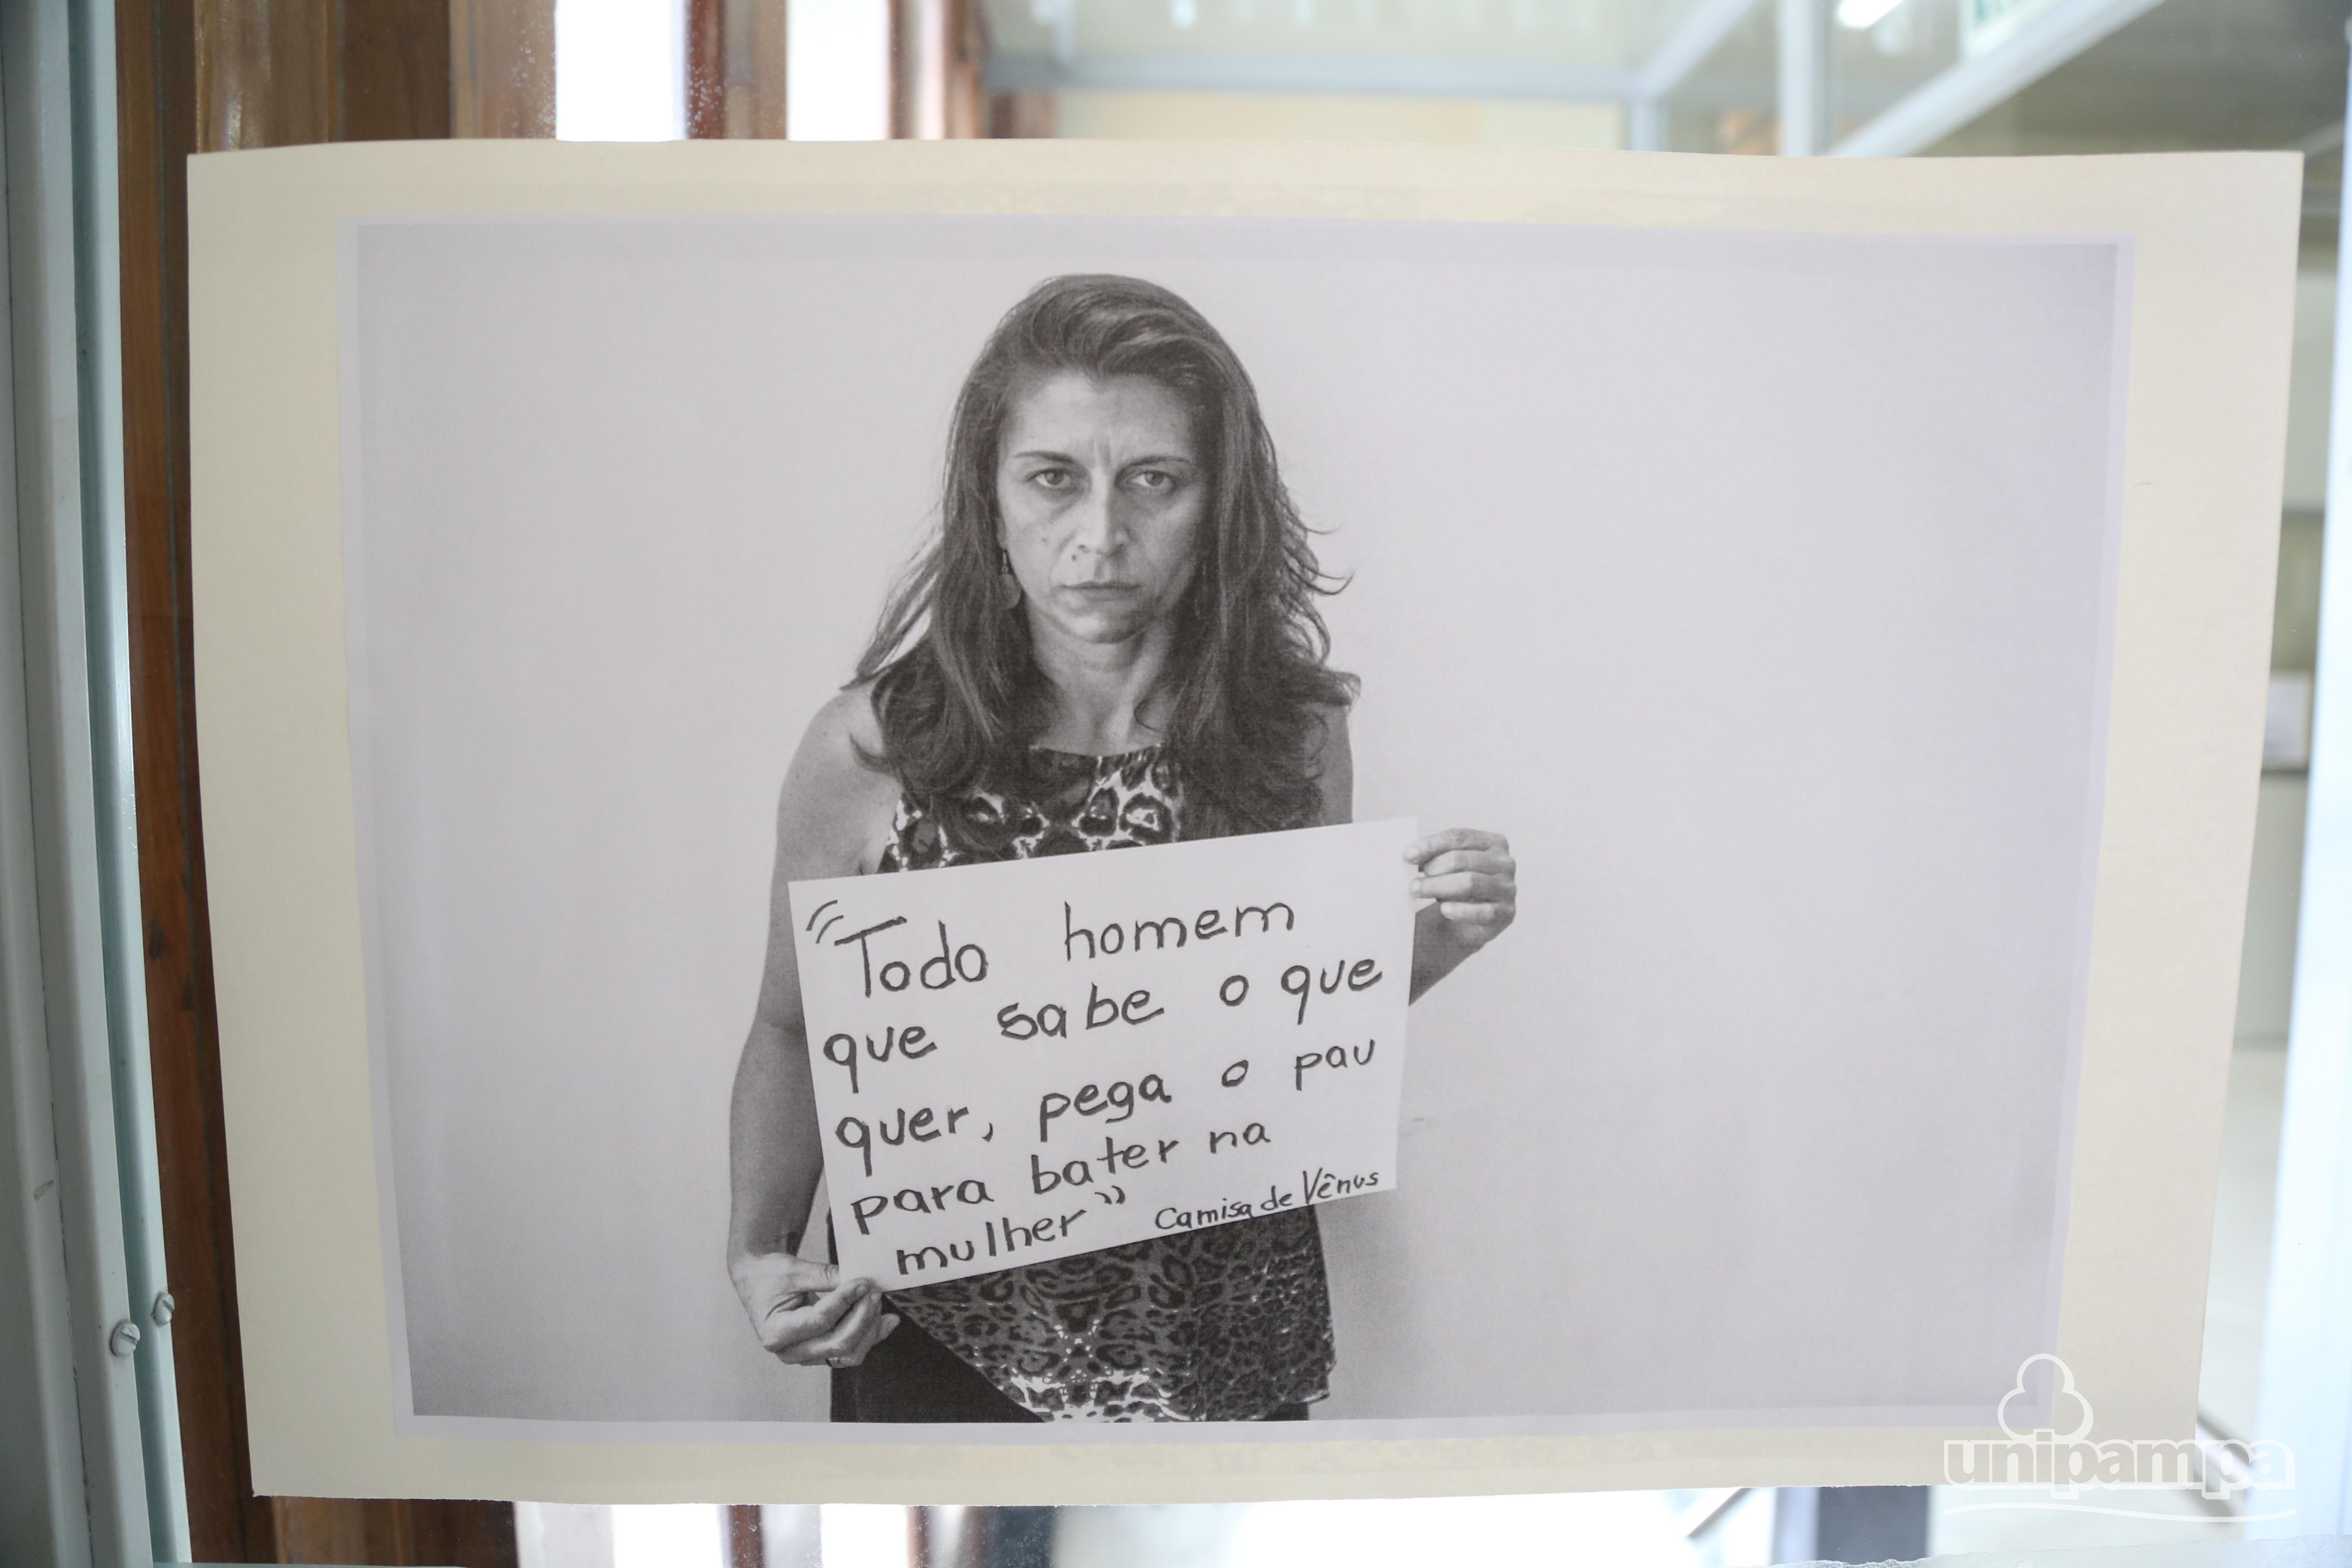 A letra do grupo Camisa de Vênus também reforça conteúdo machista. Foto: Ronaldo Estevan